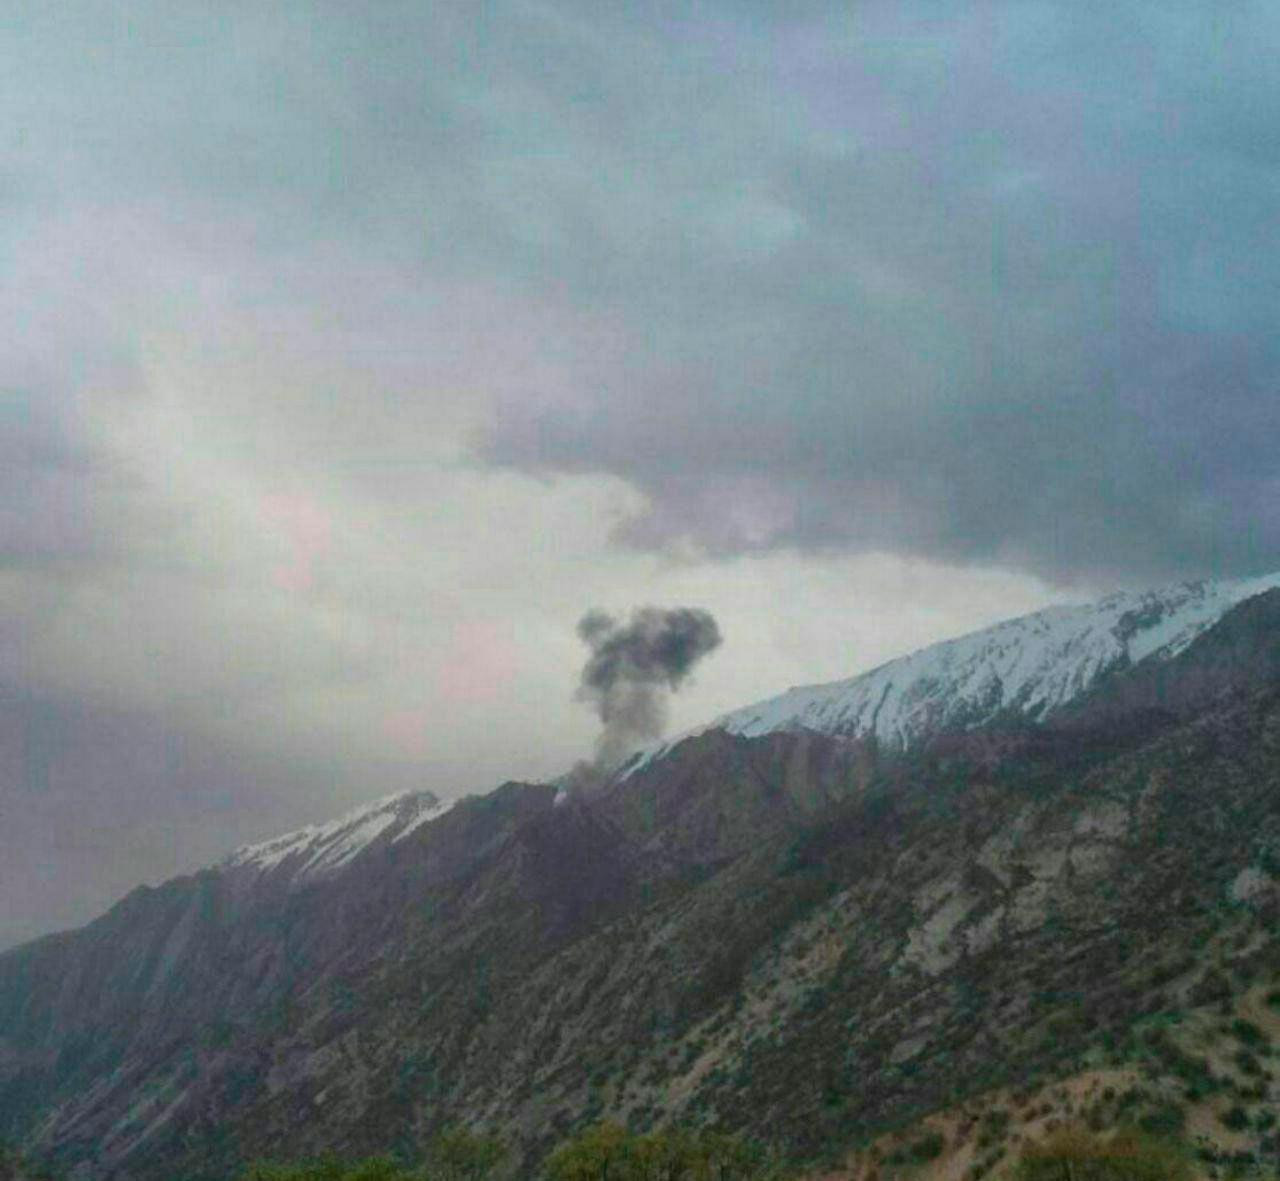 سقوط هواپیمای ترکیهای در حوالی شهرکرد